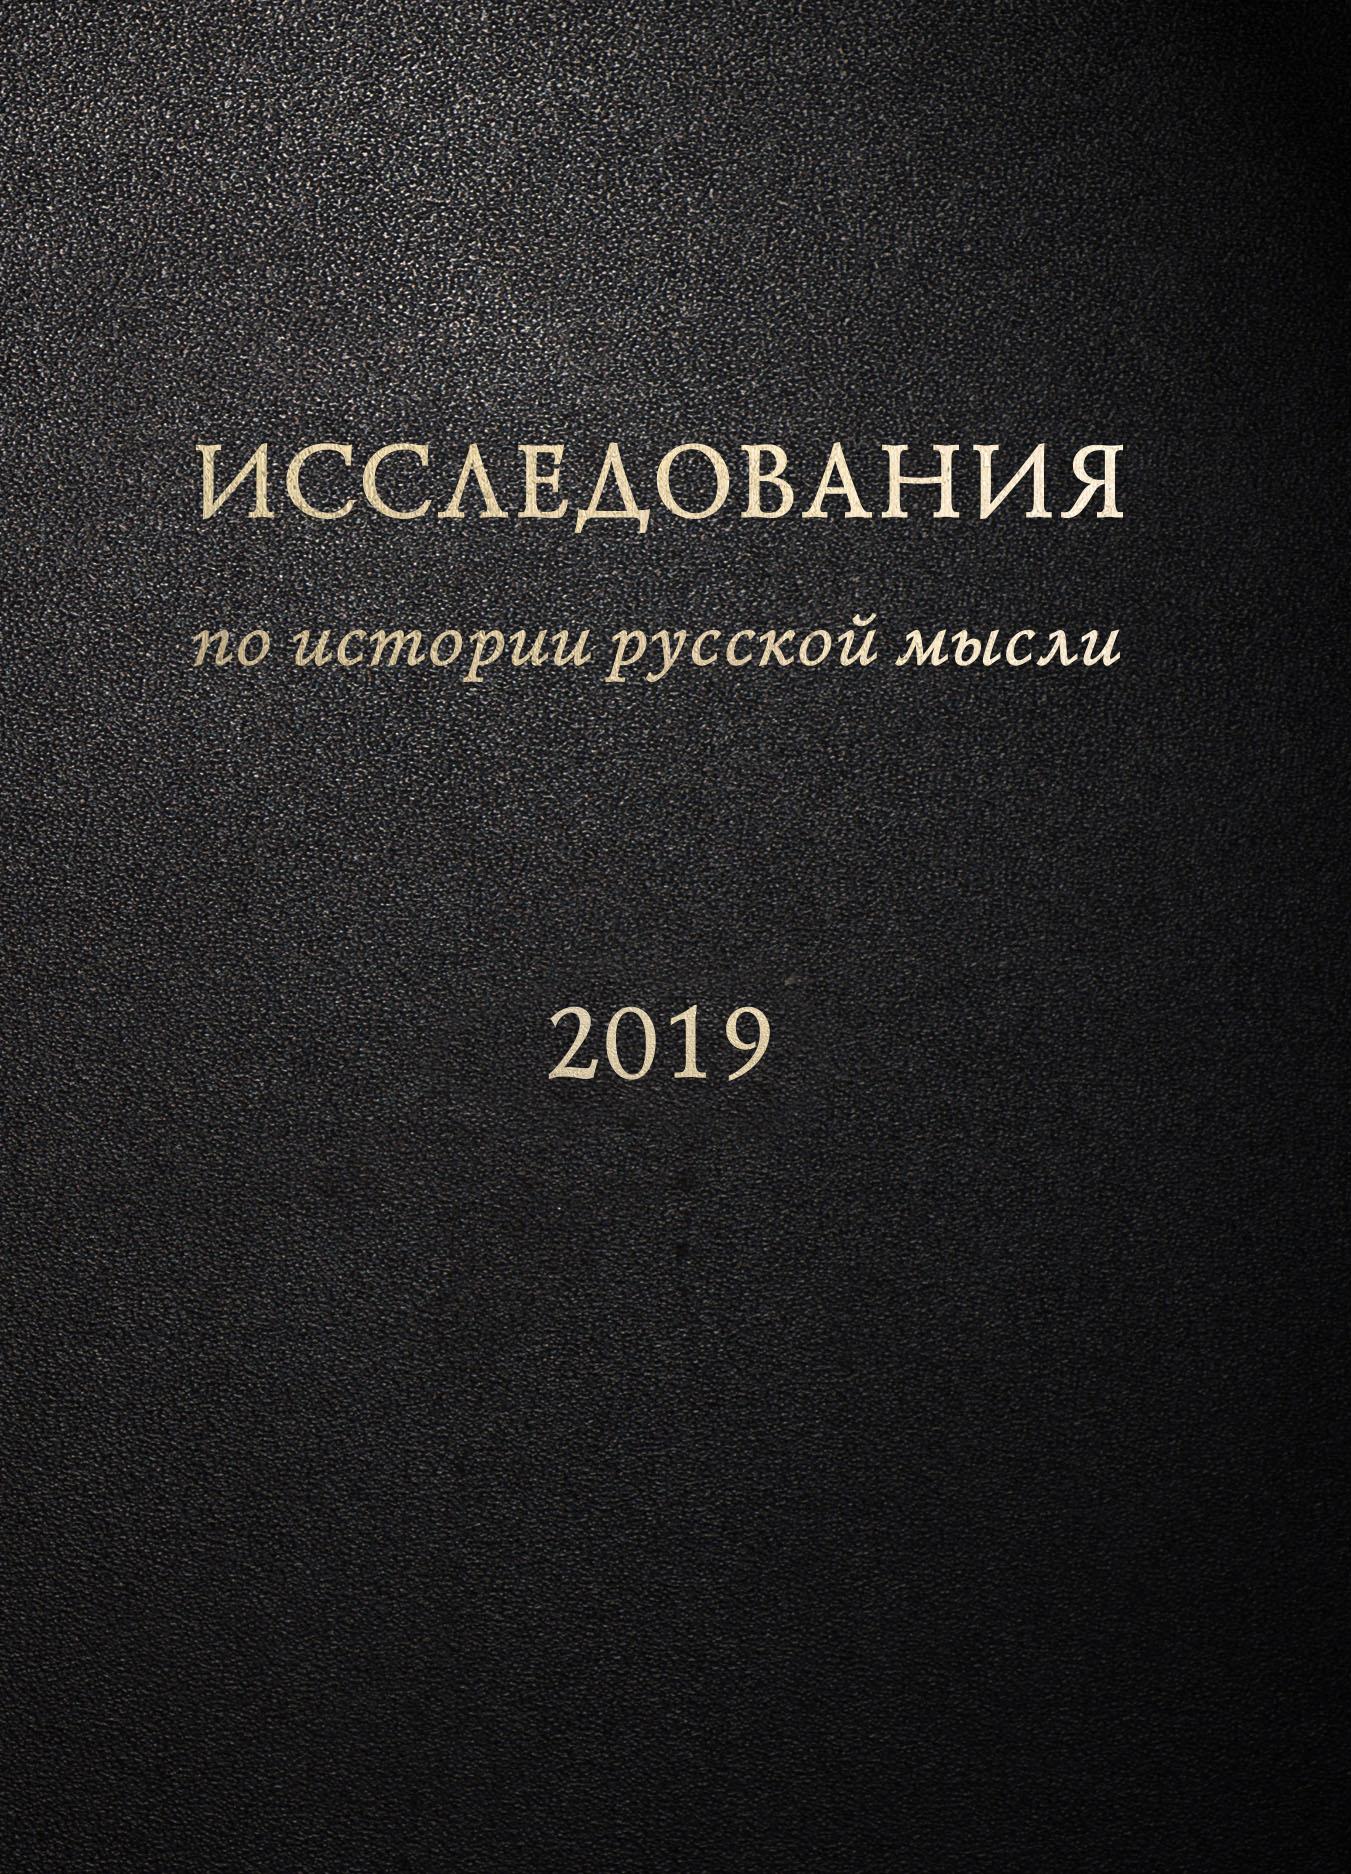 Всеволод Вишневский как культурный амбассадор: в поисках модернистской составляющей советской мысли